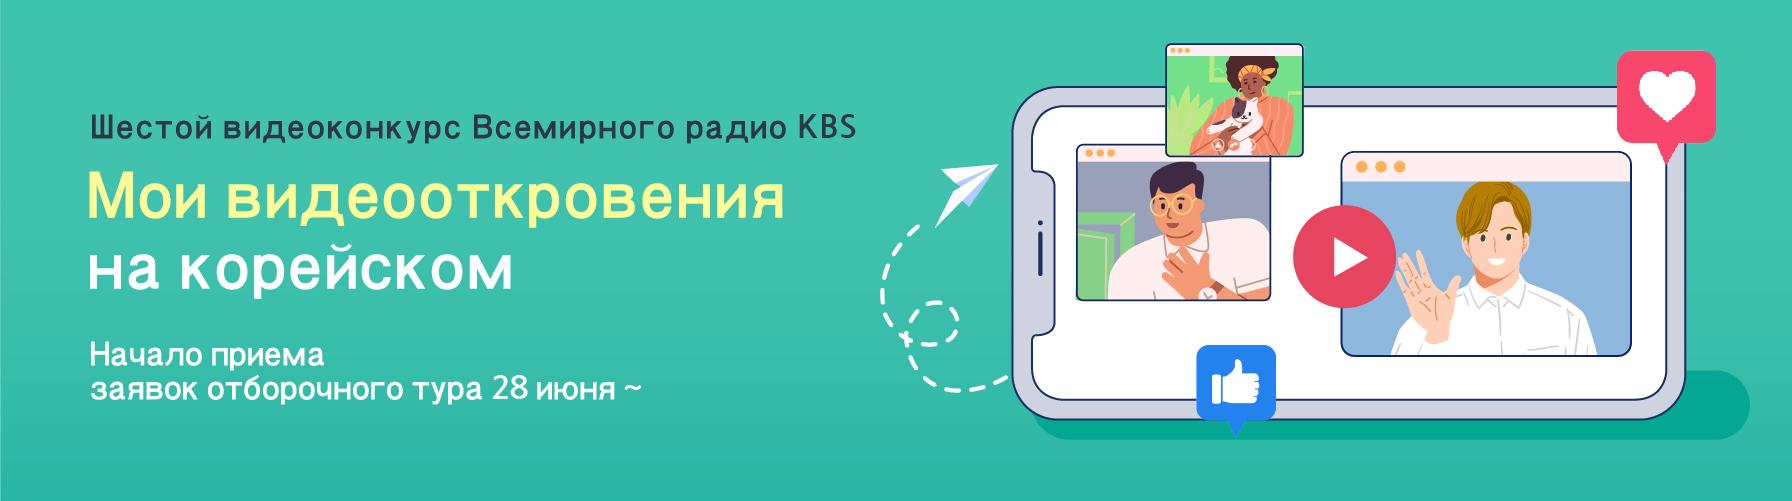 Шестой видеоконкурс Всемирного радио KBS